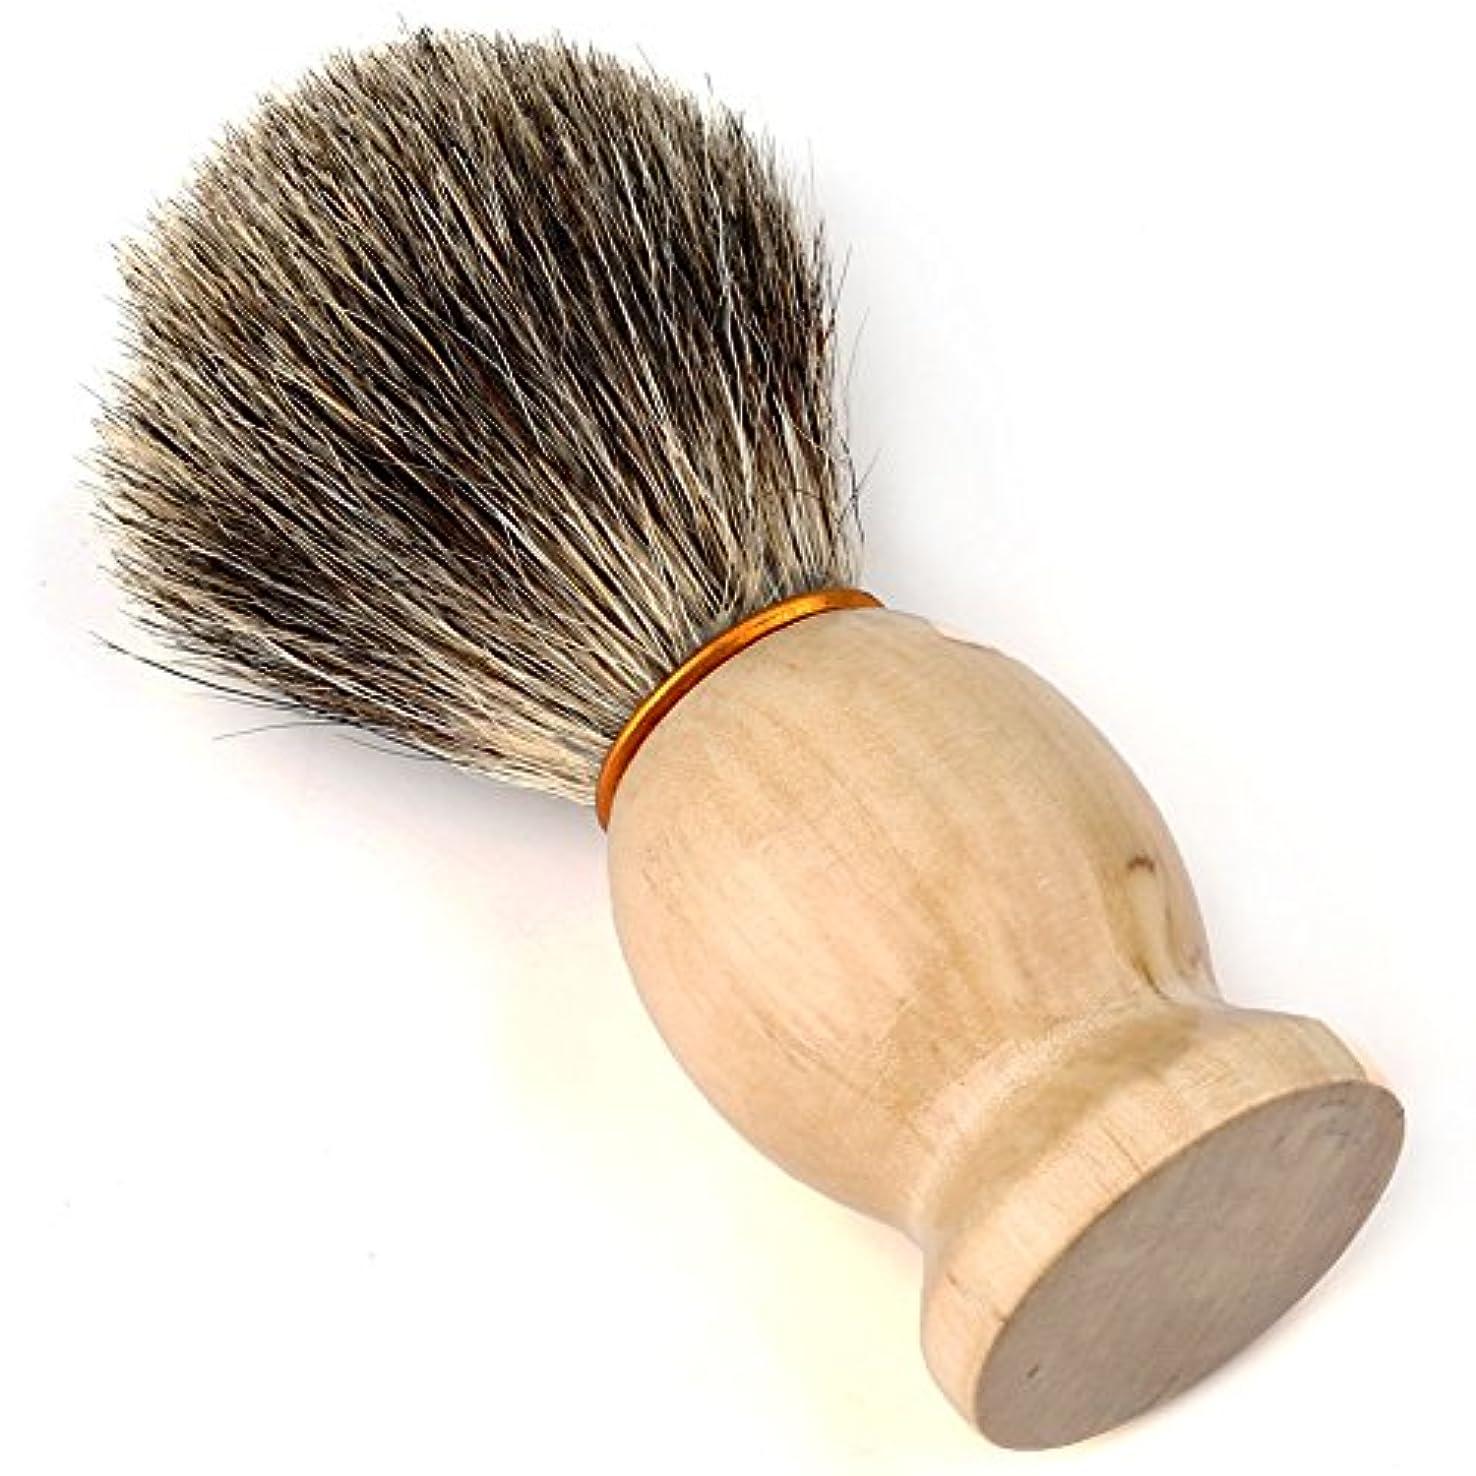 干し草意識事前Easy Raku®ひげブラシ シェービングブラシ アナグマ毛 髭剃り 泡立ち メンズ シェービングブラシ(ブラシだけ)